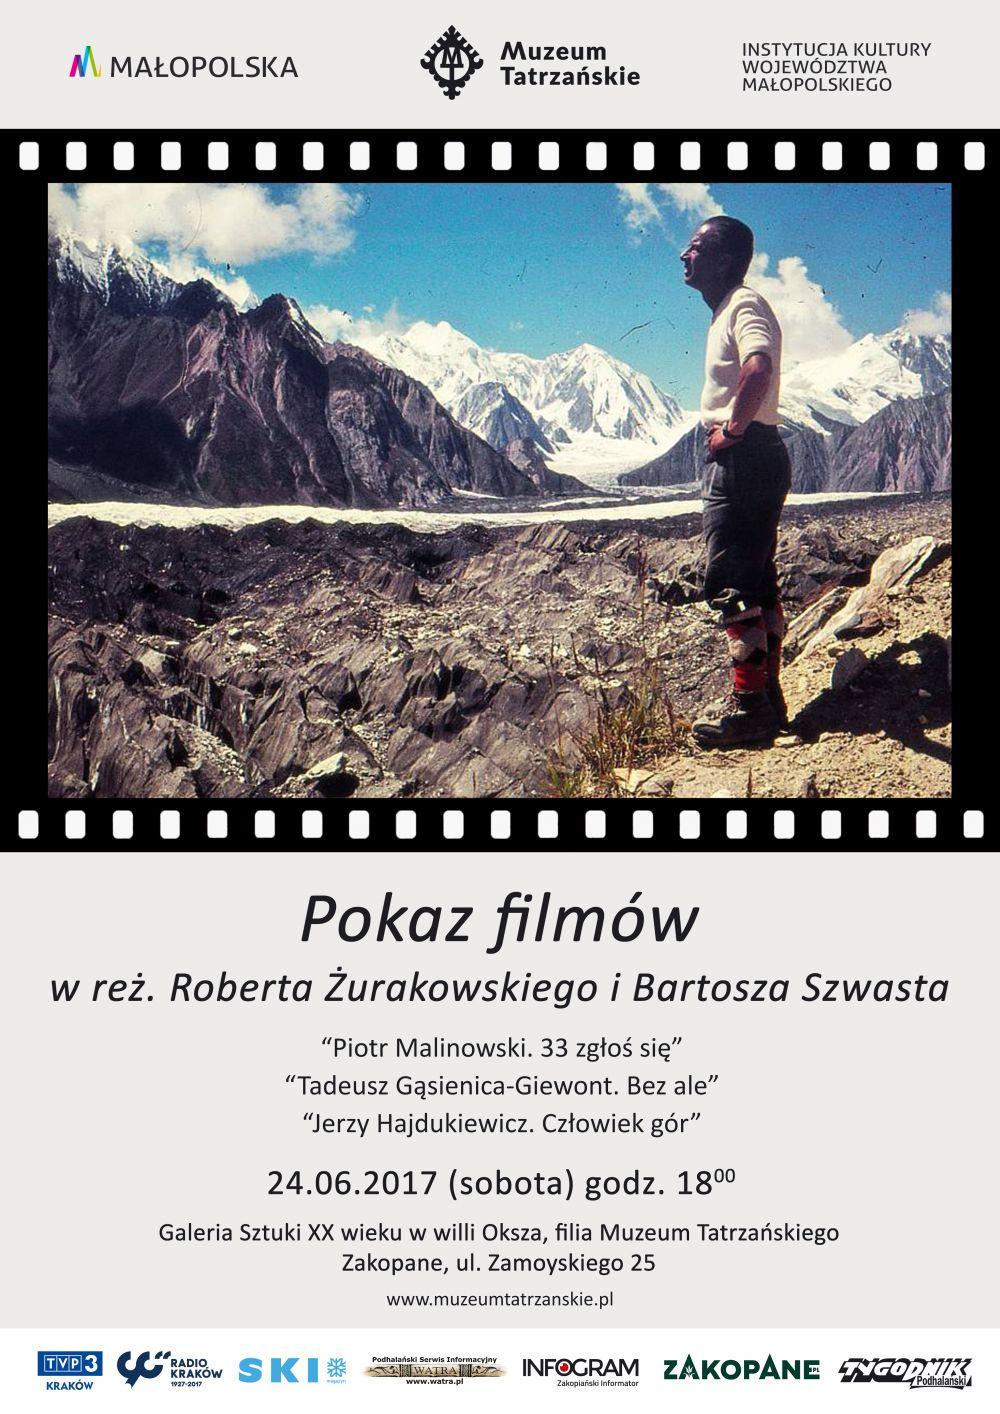 POKAZ FILMÓW W REŻYSERII ROBERTA ŻURAKOWSKIEGO I BARTOSZA SZWASTA